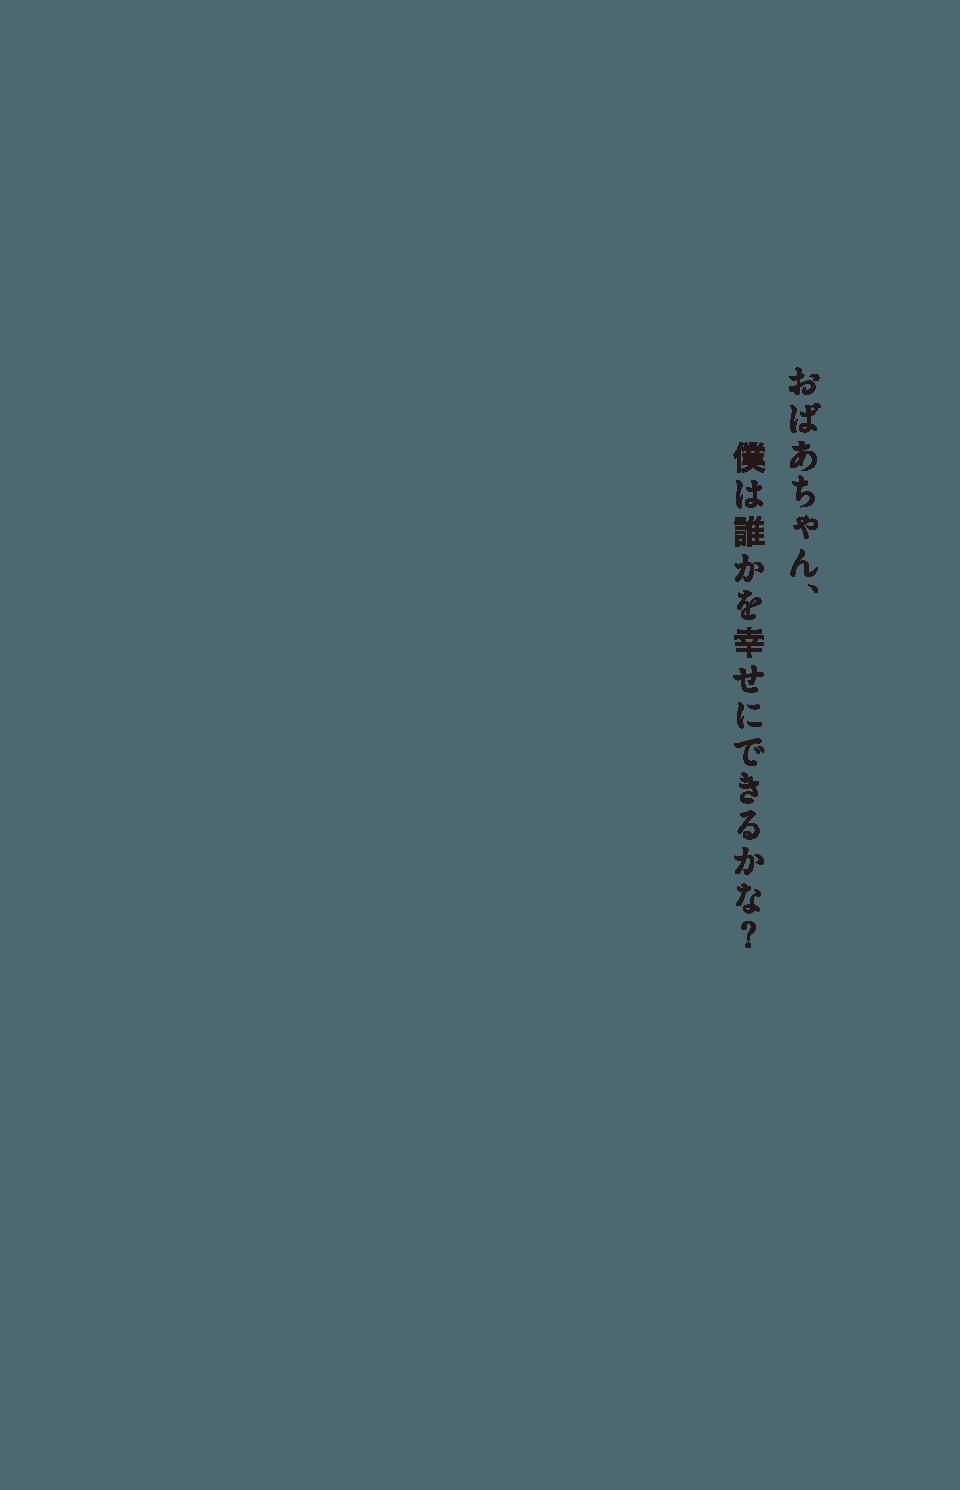 バイ 意味 スタンド ミー 『スタンド・バイ・ミー』ネタバレあらすじ感想 青春映画の原点!